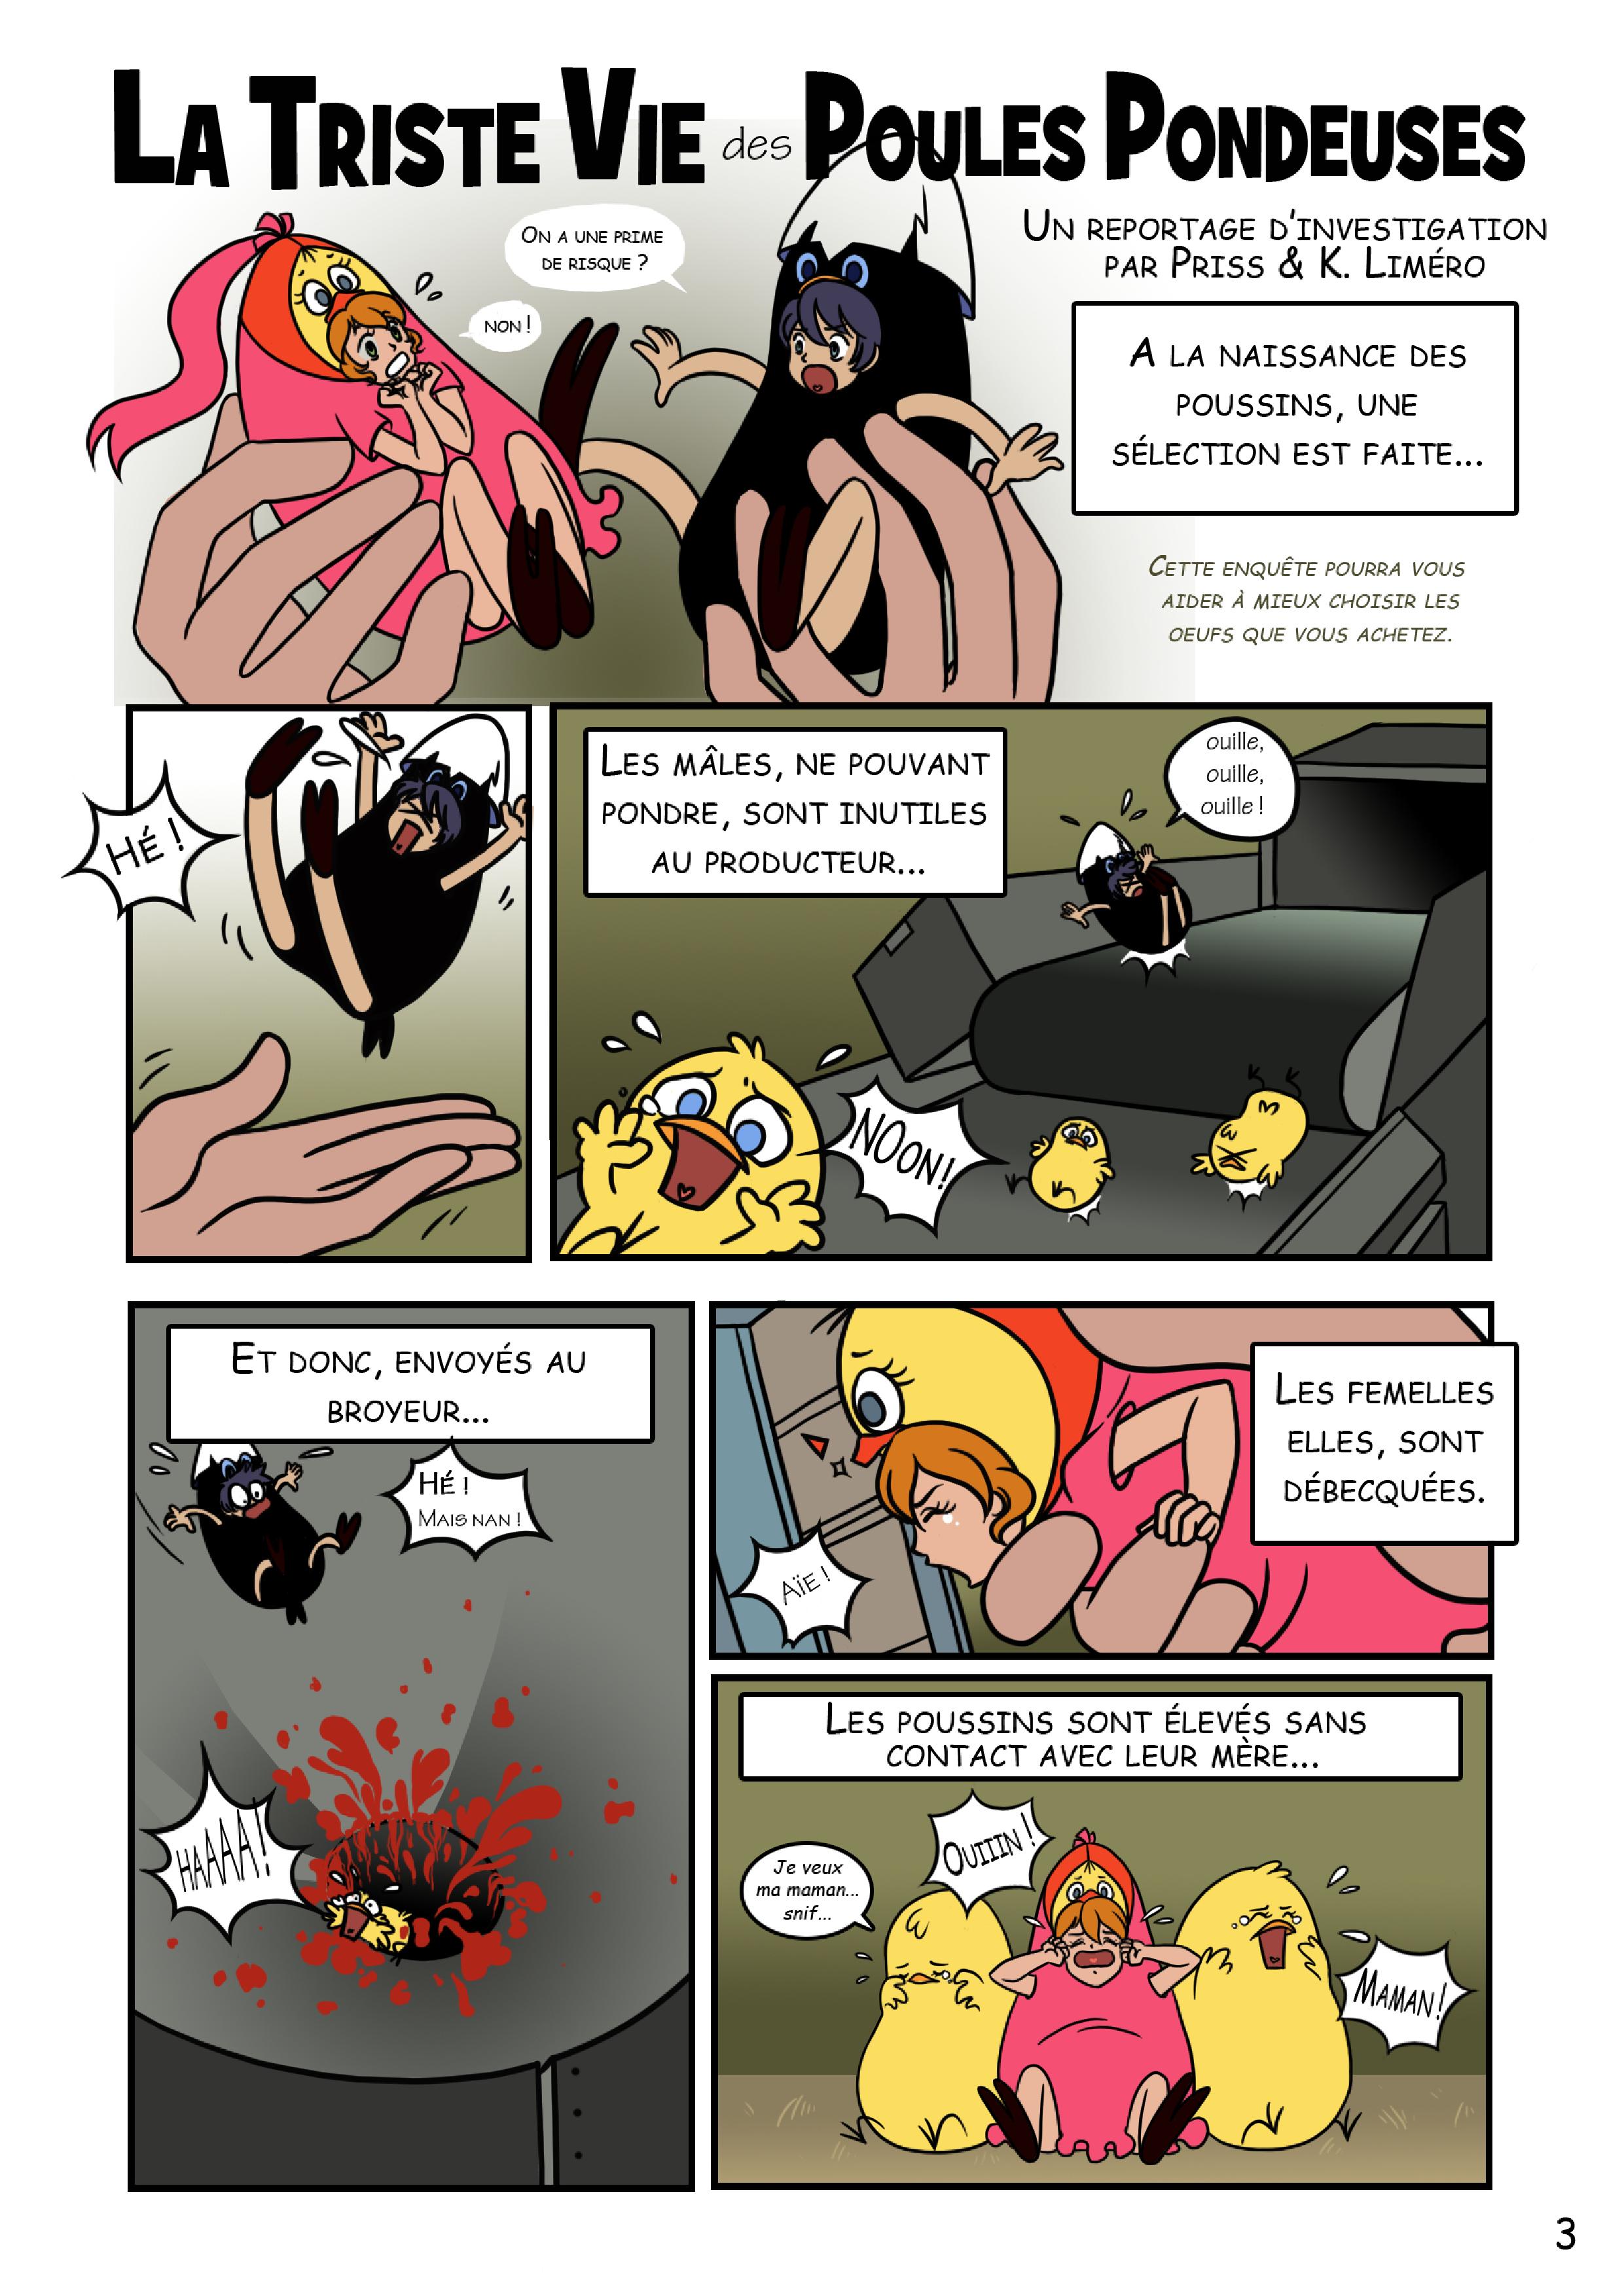 Dessins 2012 manga l214 par aj fraggle hd visuels l214 for Duree de vie des poules pondeuses